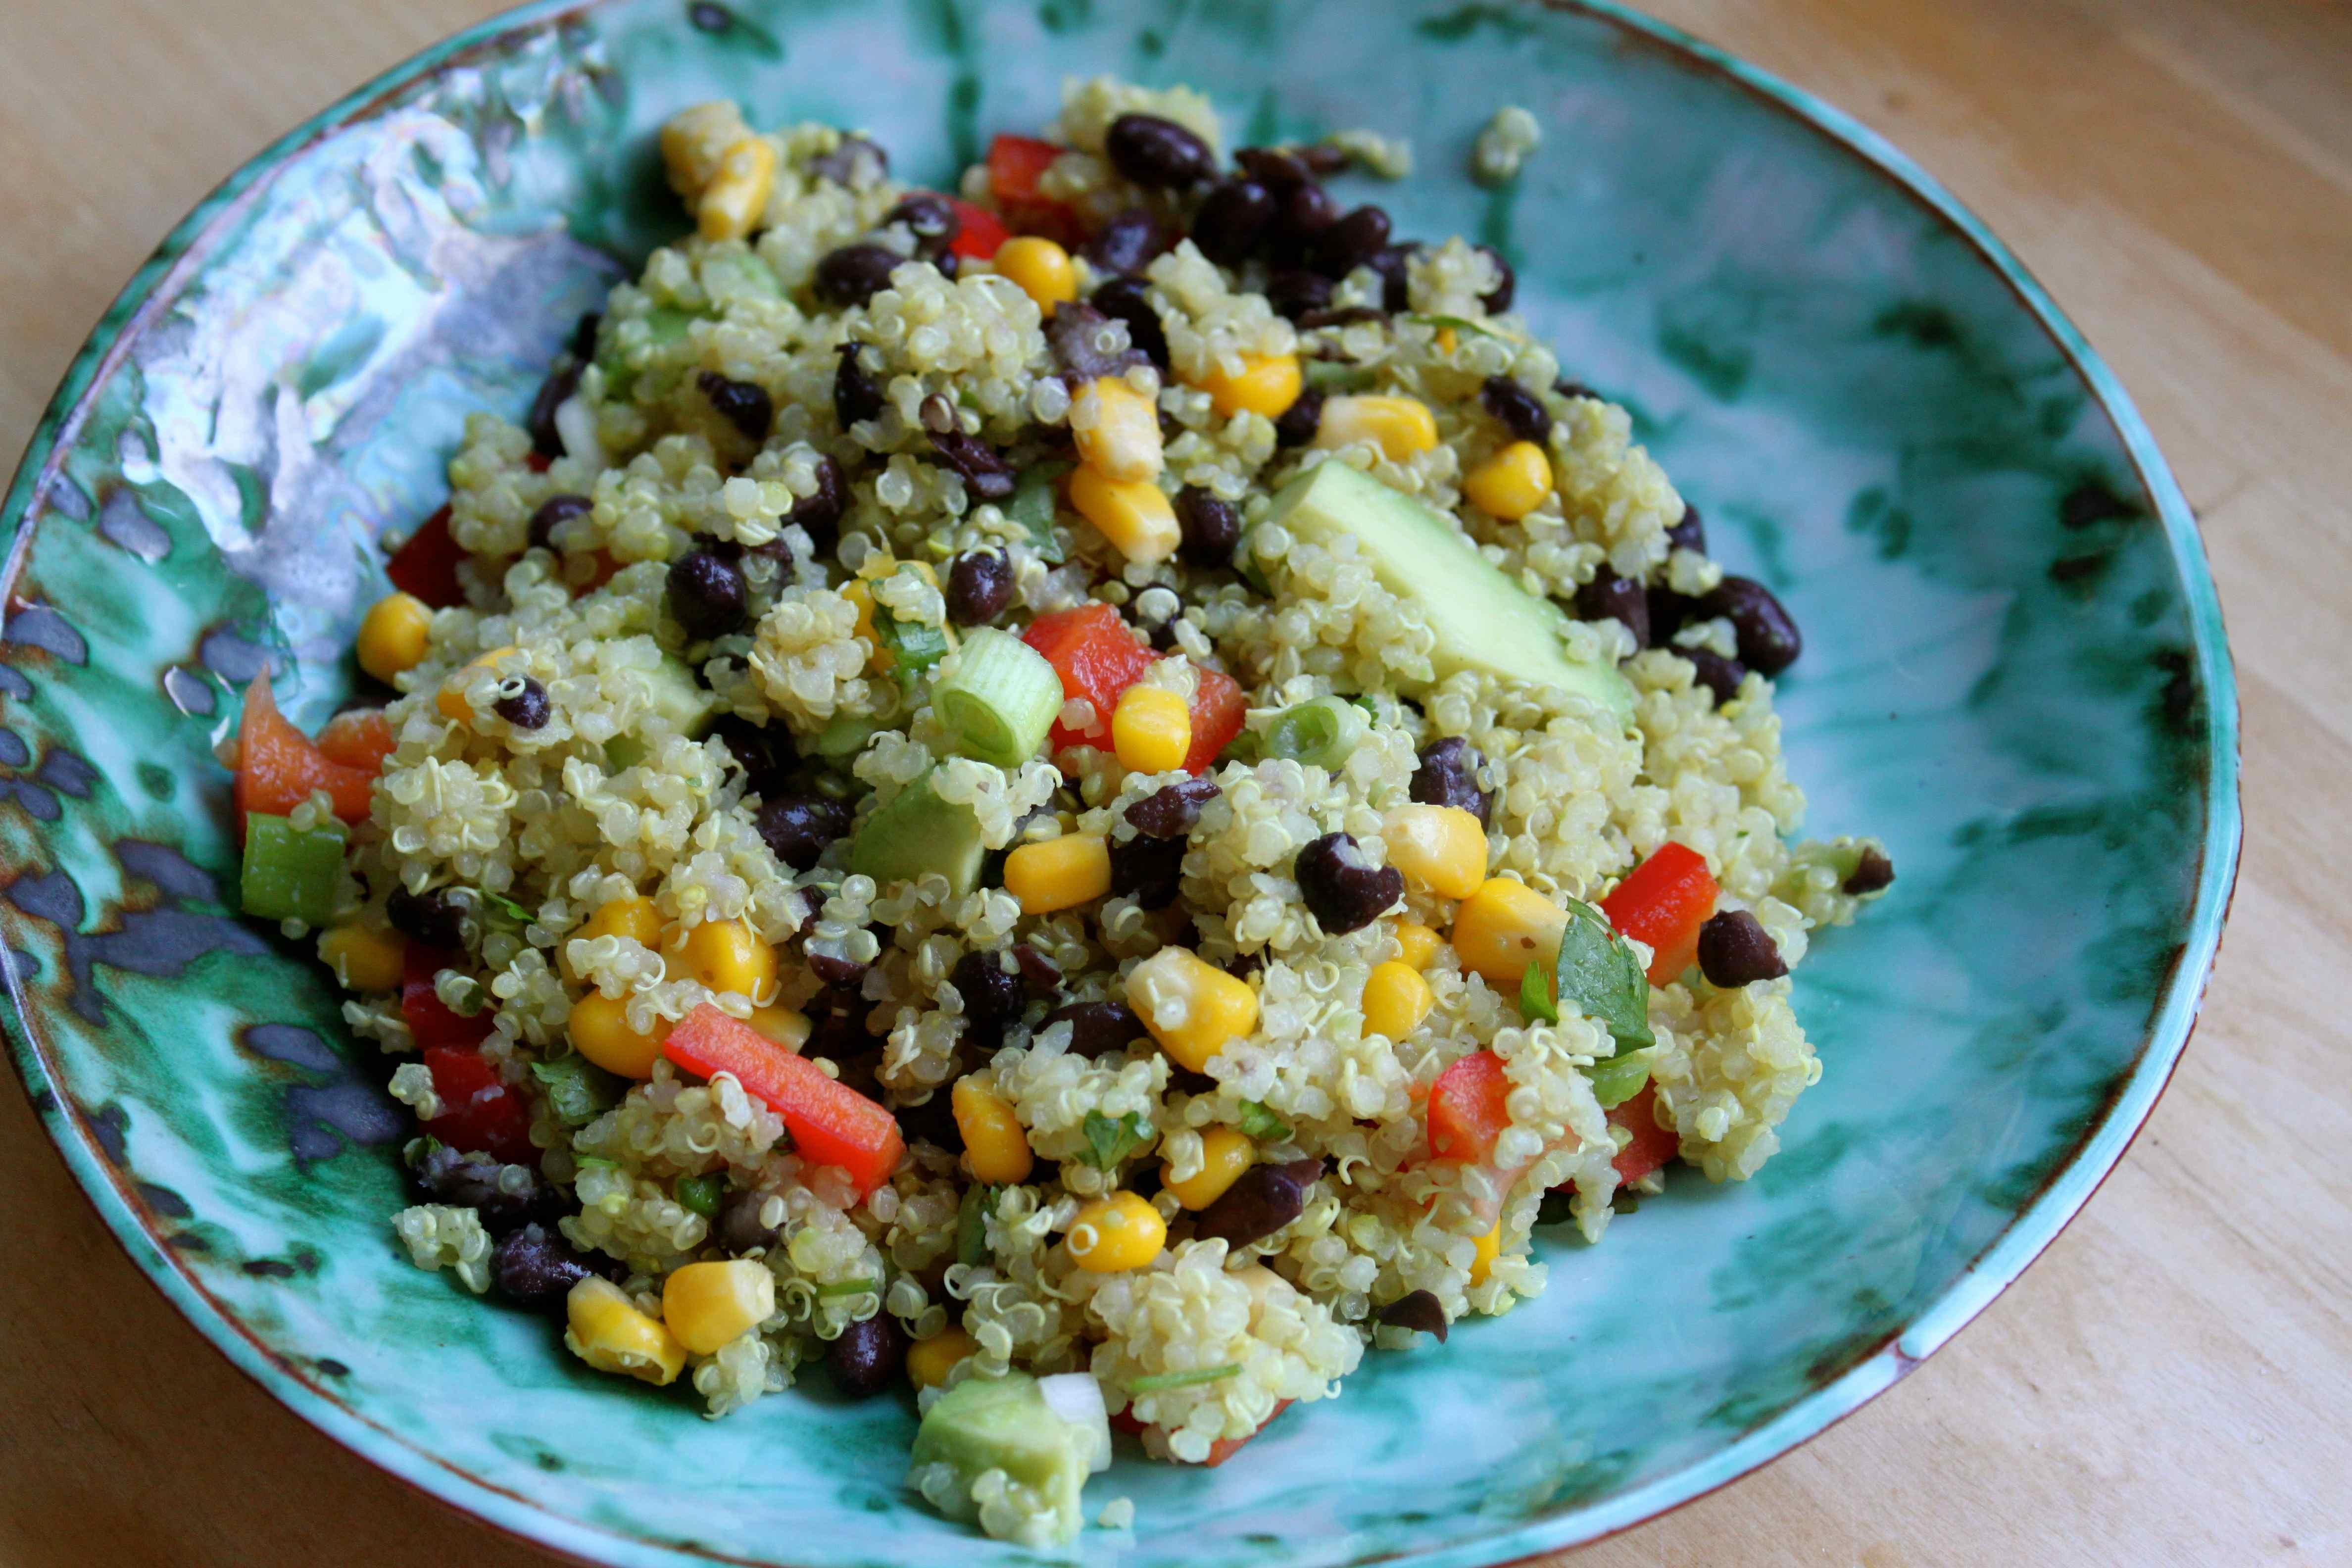 Red Quinoa And Black Bean Vegetable Salad Recipe — Dishmaps